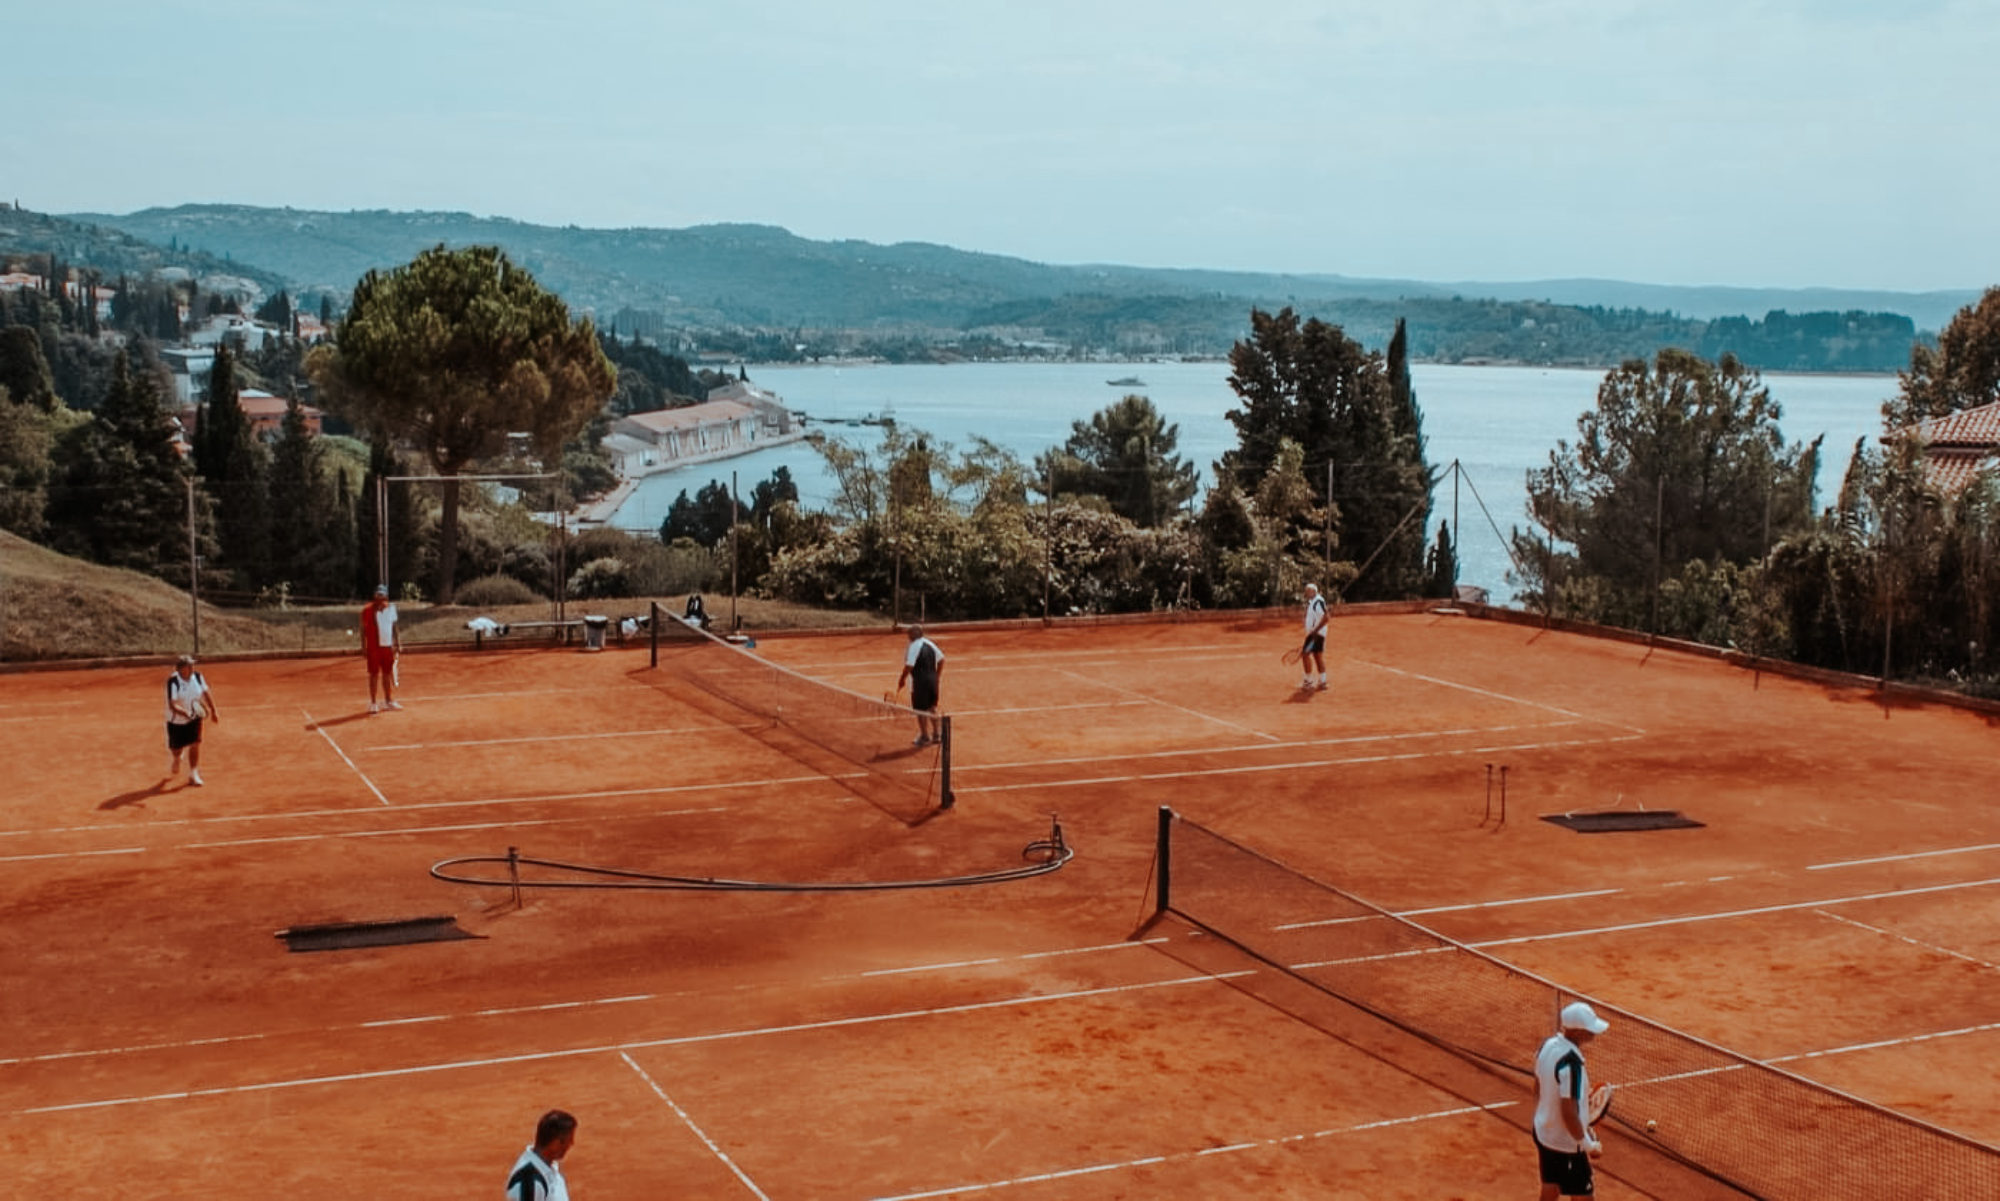 Tennis Academy Portoroz